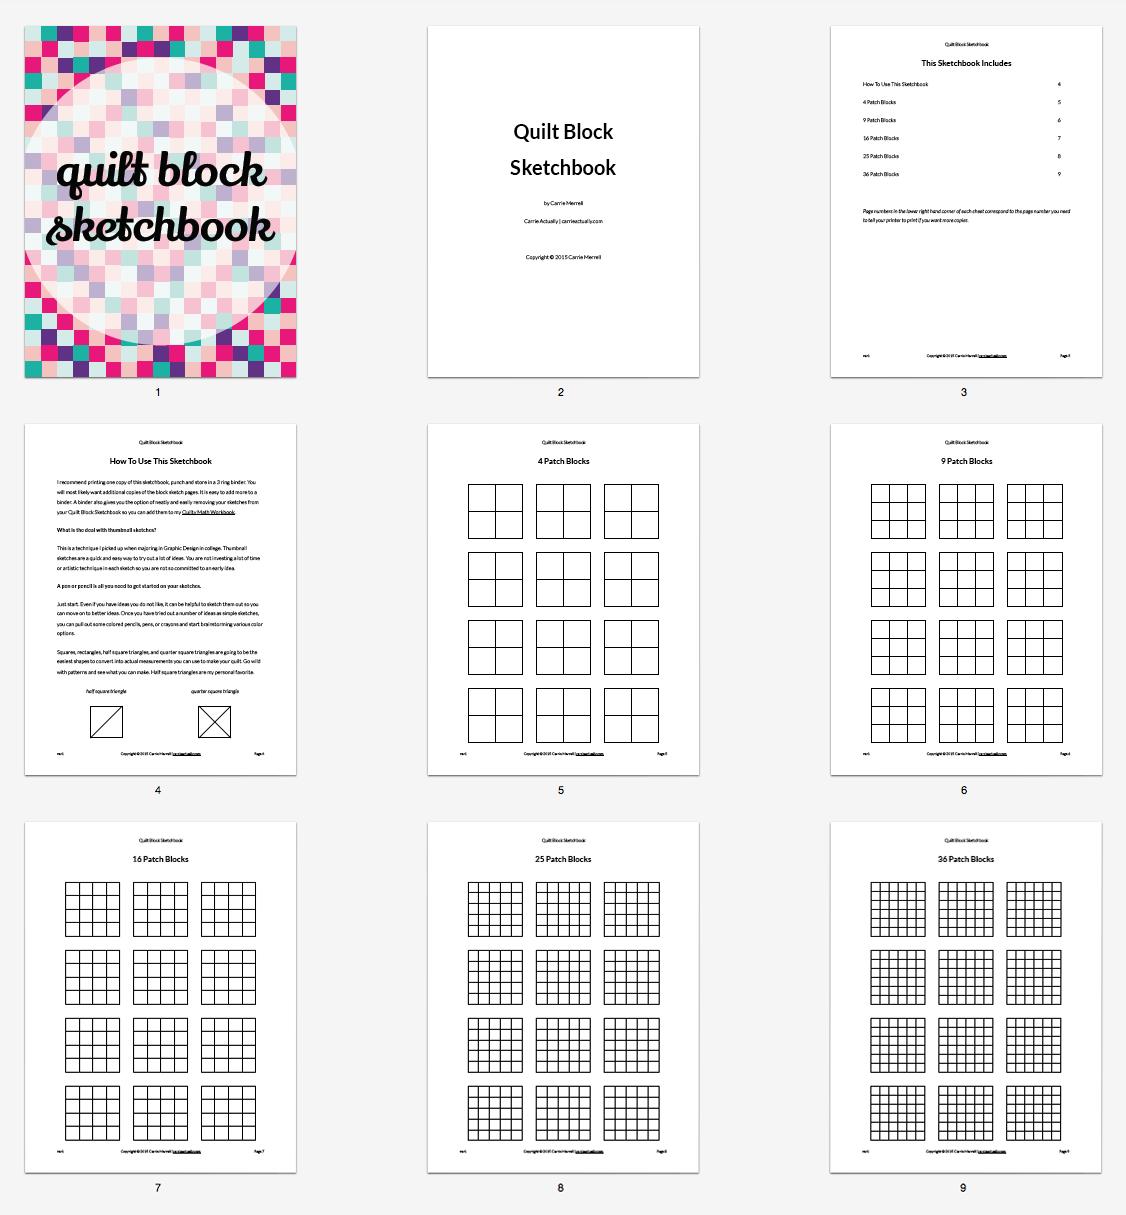 Inside the Quilt Block Sketchbook